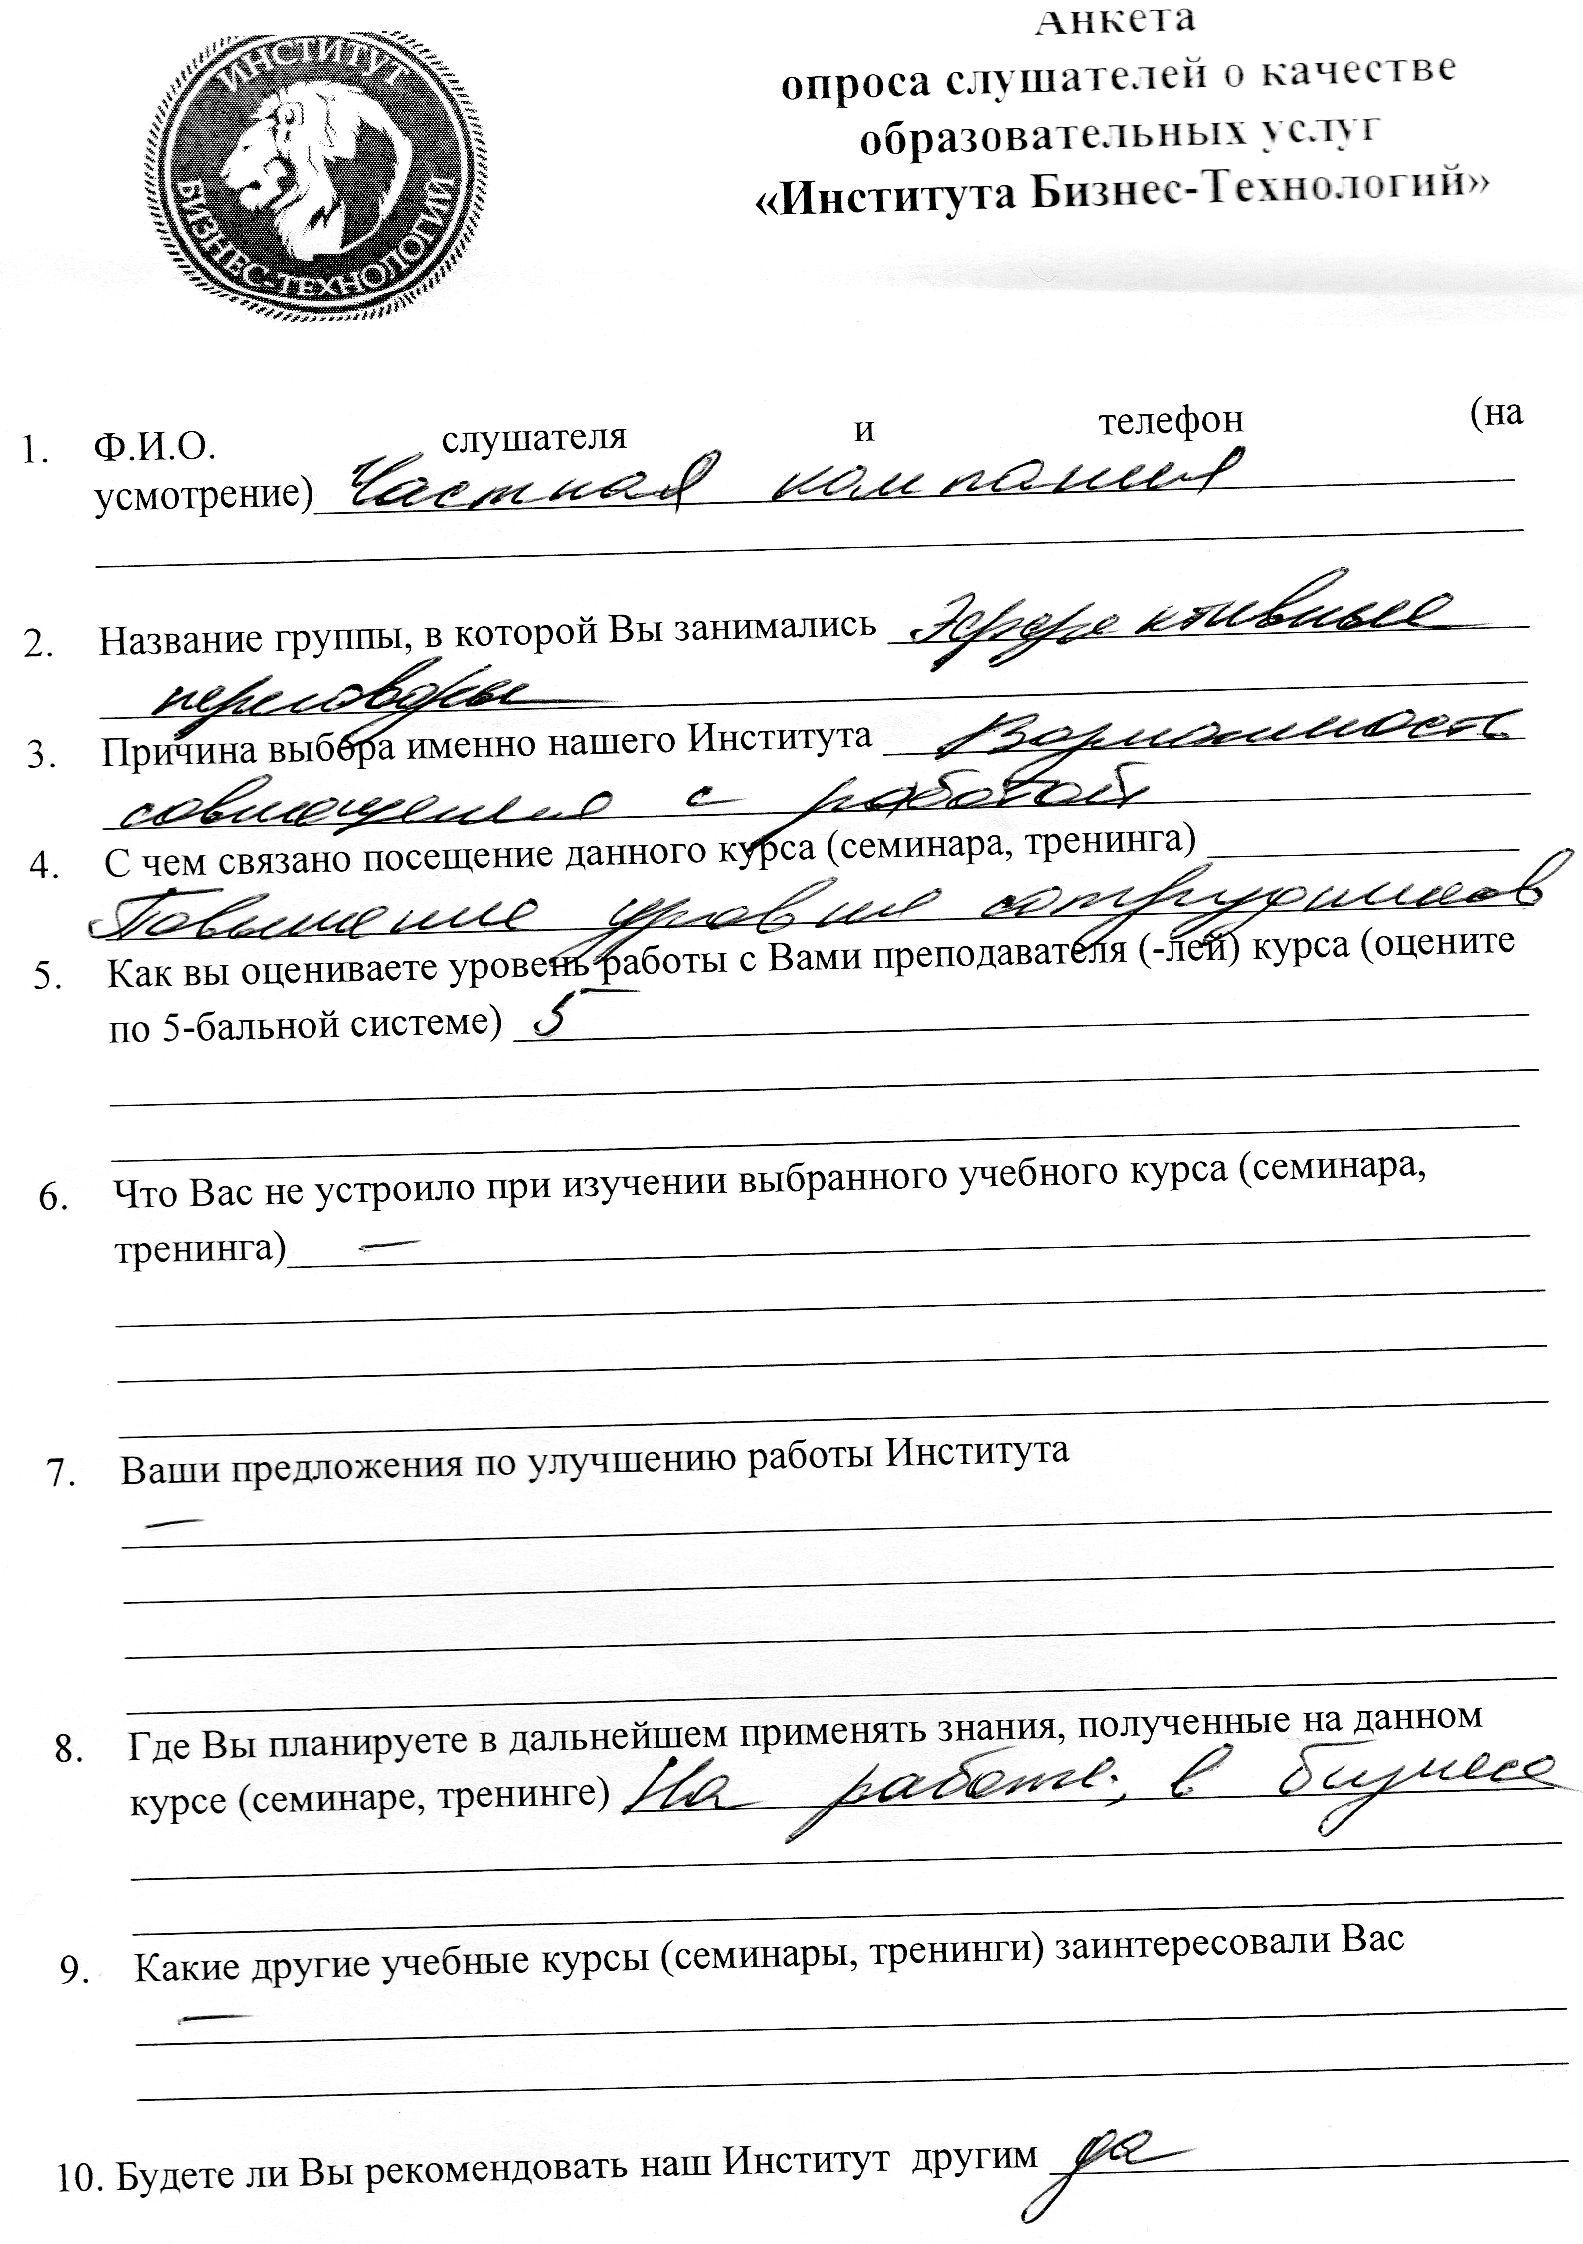 бланк анкеты для продавца-кассира